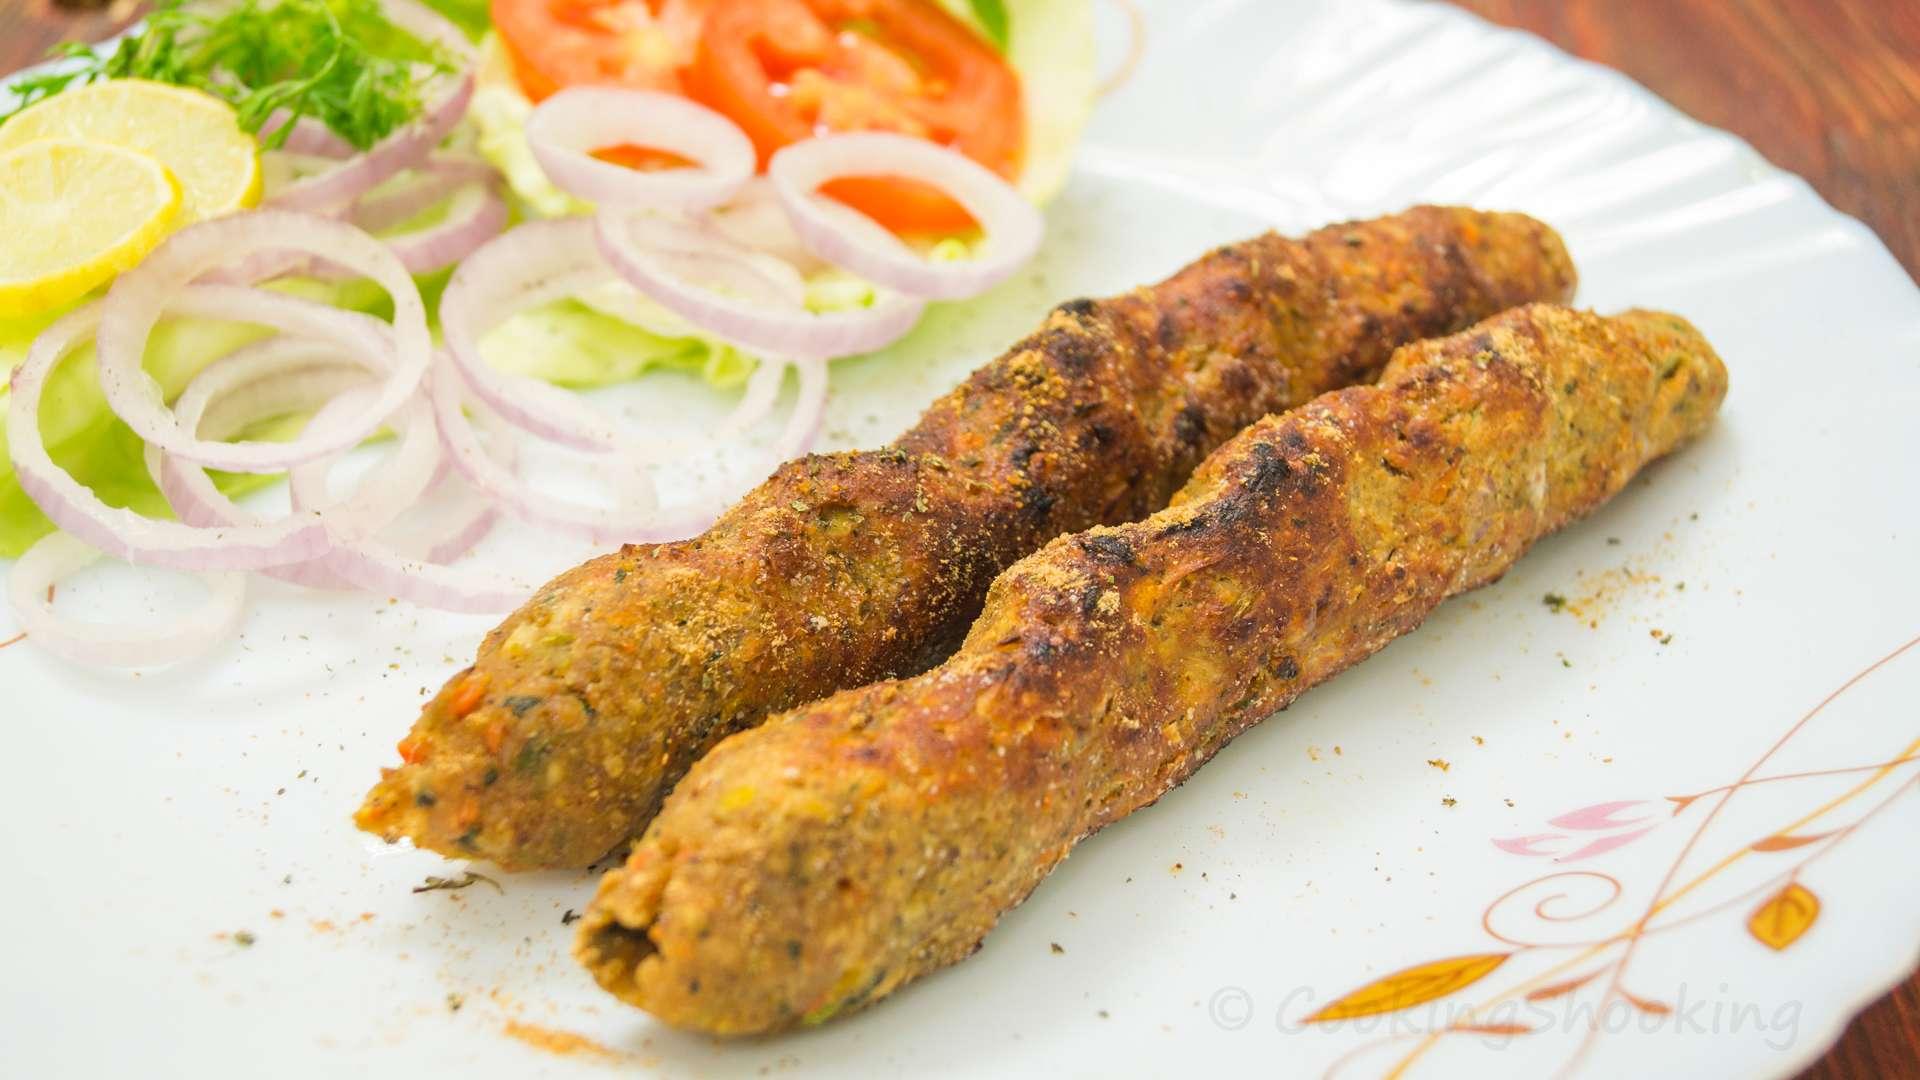 Veg. Seekh Kabab